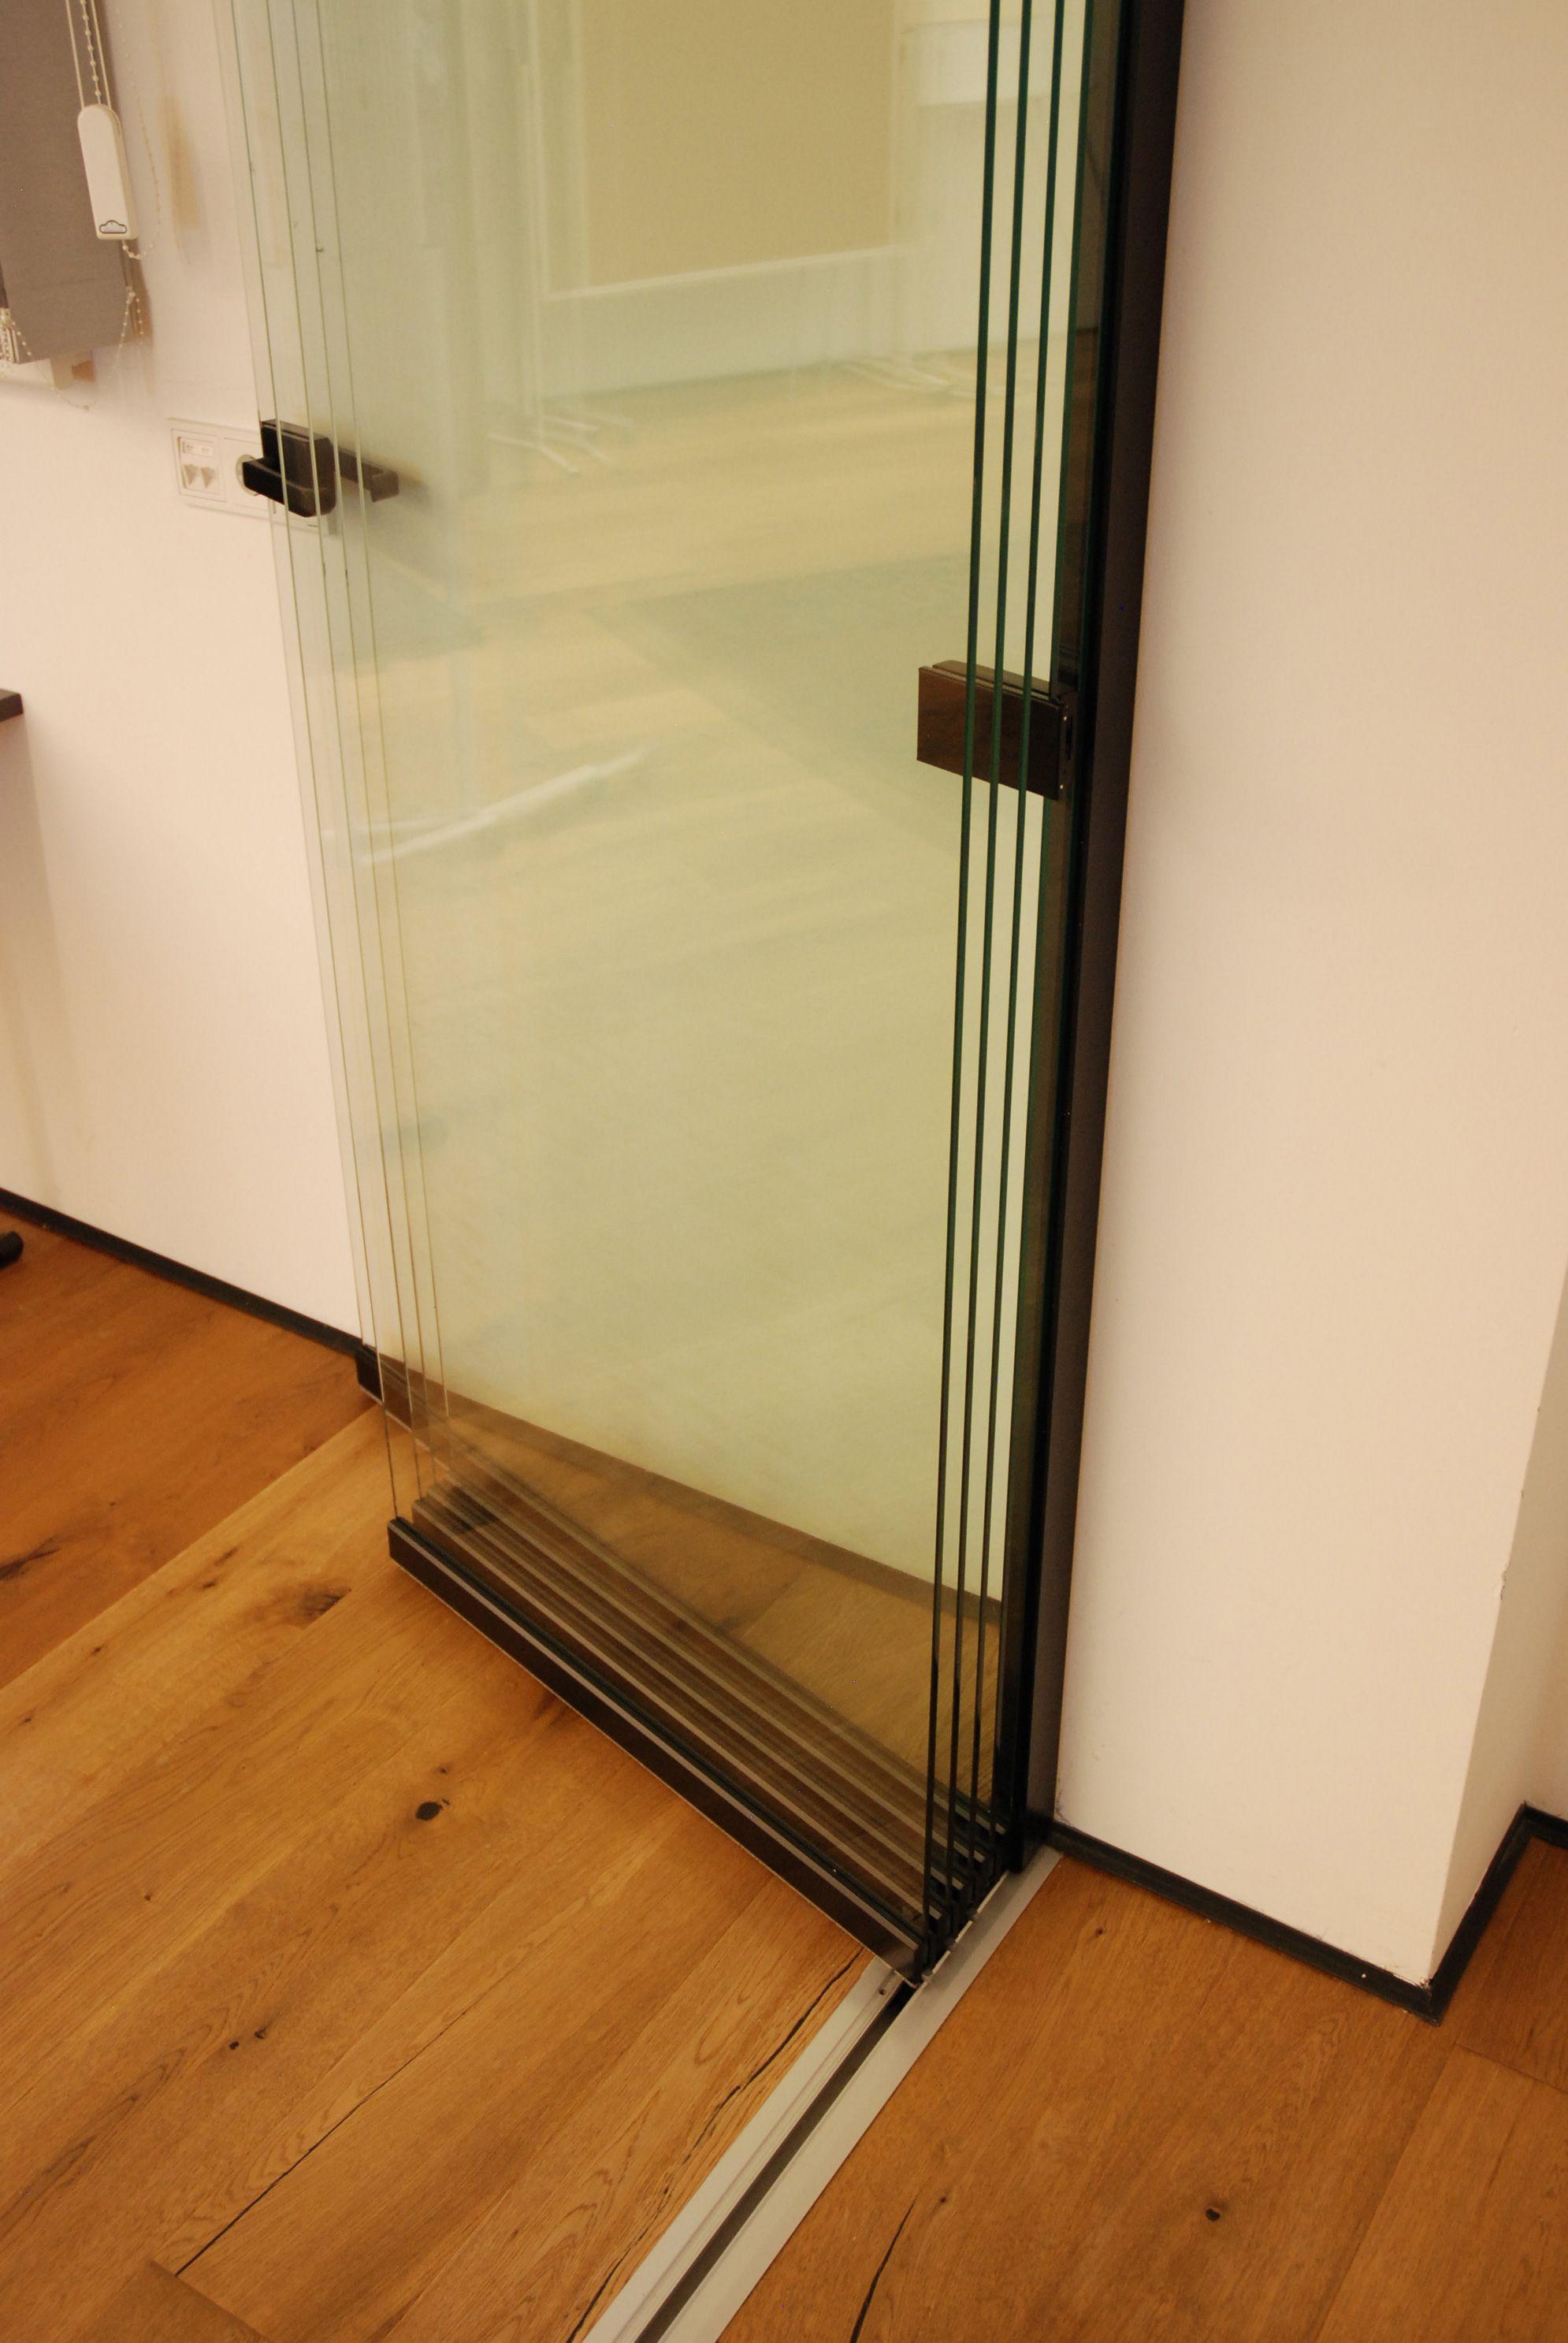 Falttur Glastur Fur Innenbereich Falttur Glas Glasschiebetur